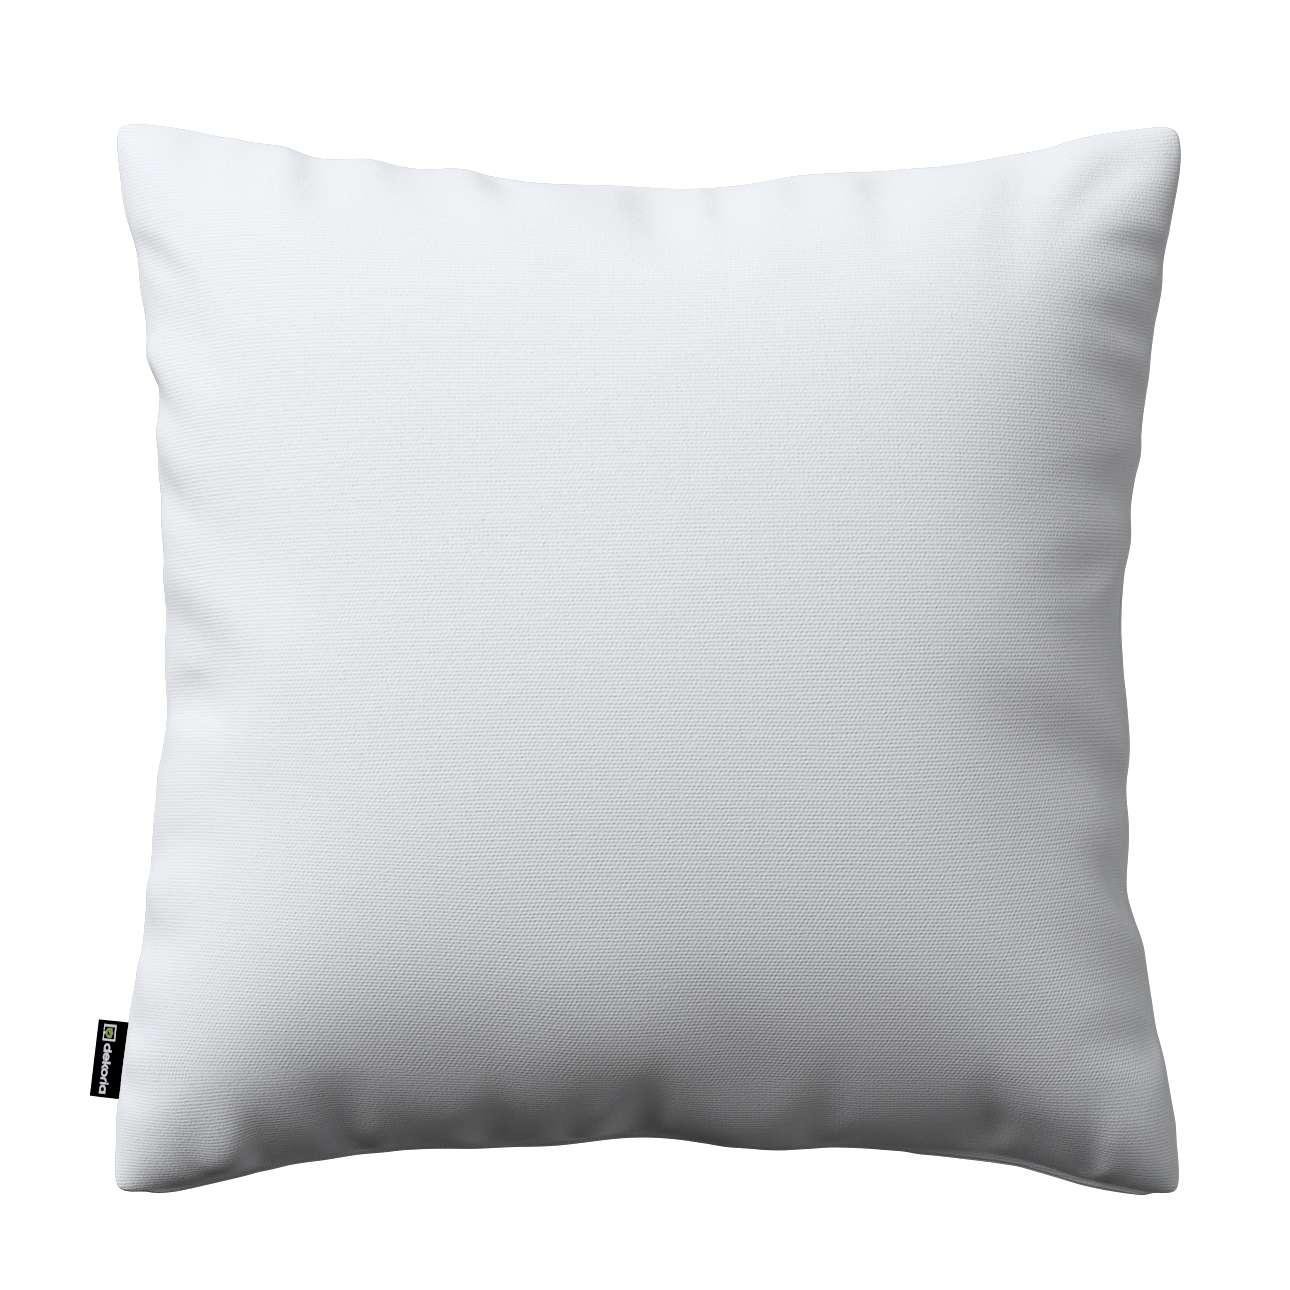 Poszewka Kinga na poduszkę 43 x 43 cm w kolekcji Loneta, tkanina: 133-02